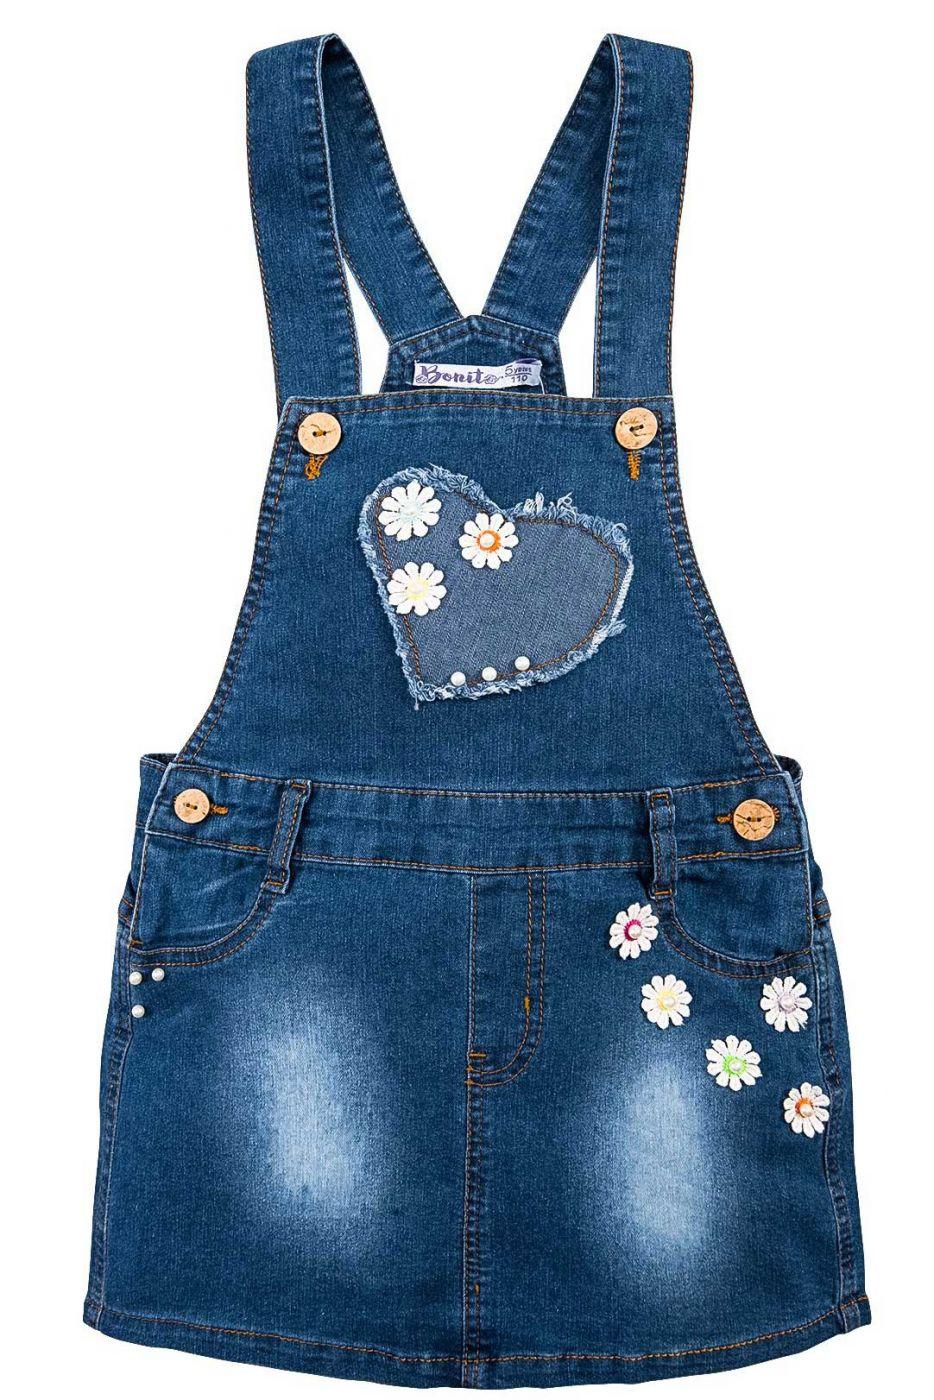 Сарафан джинсовый для девочки Bonito Jeans с цветочками